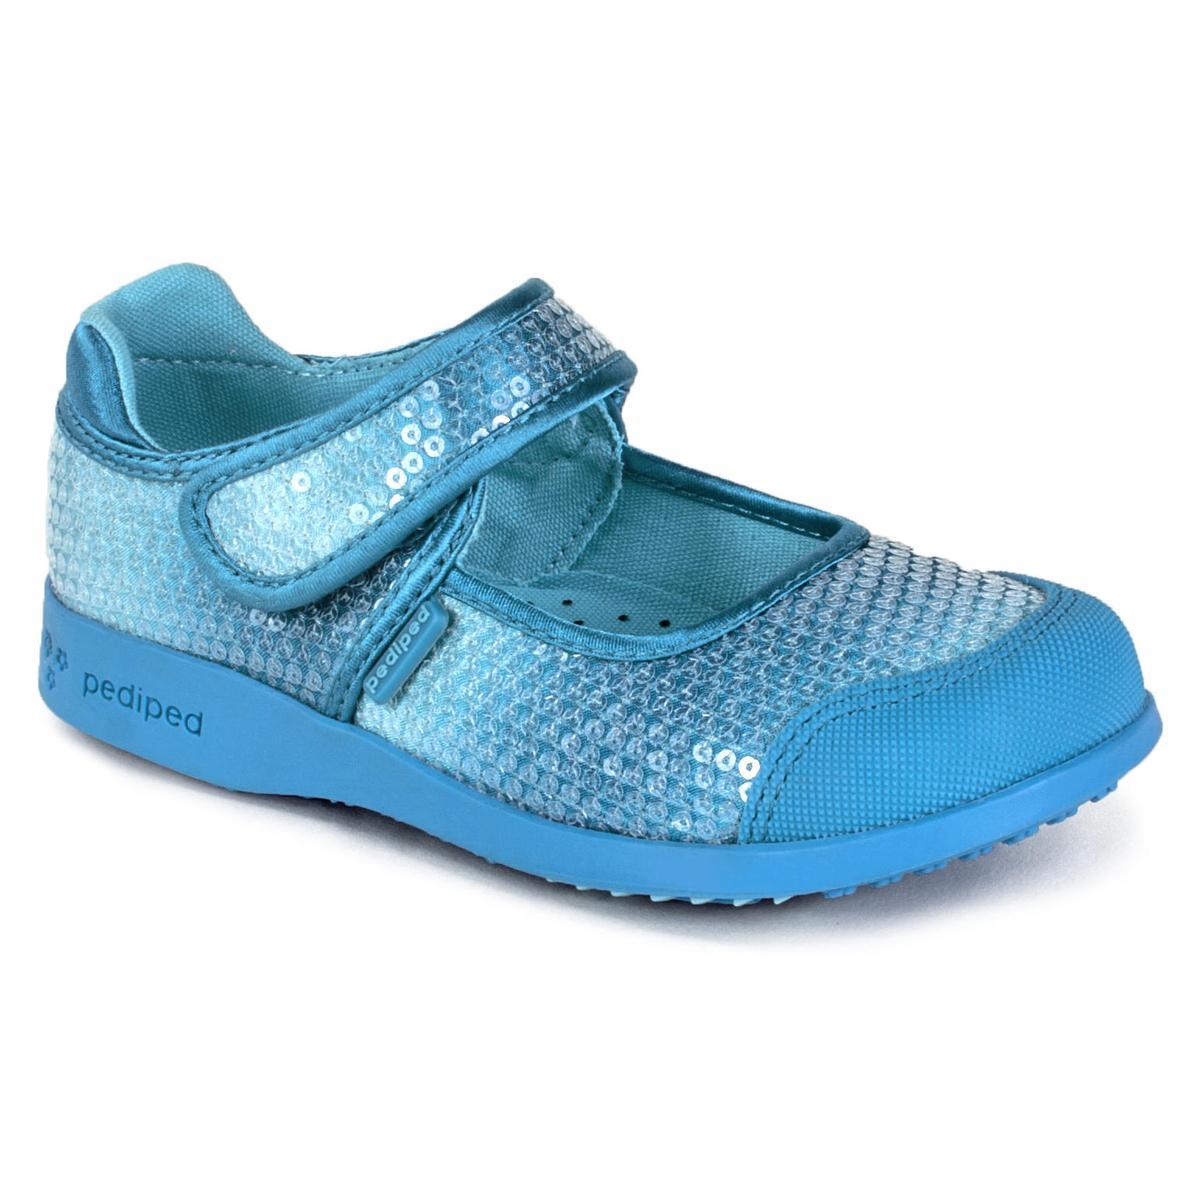 pediped-flex-shoes-leah-frost